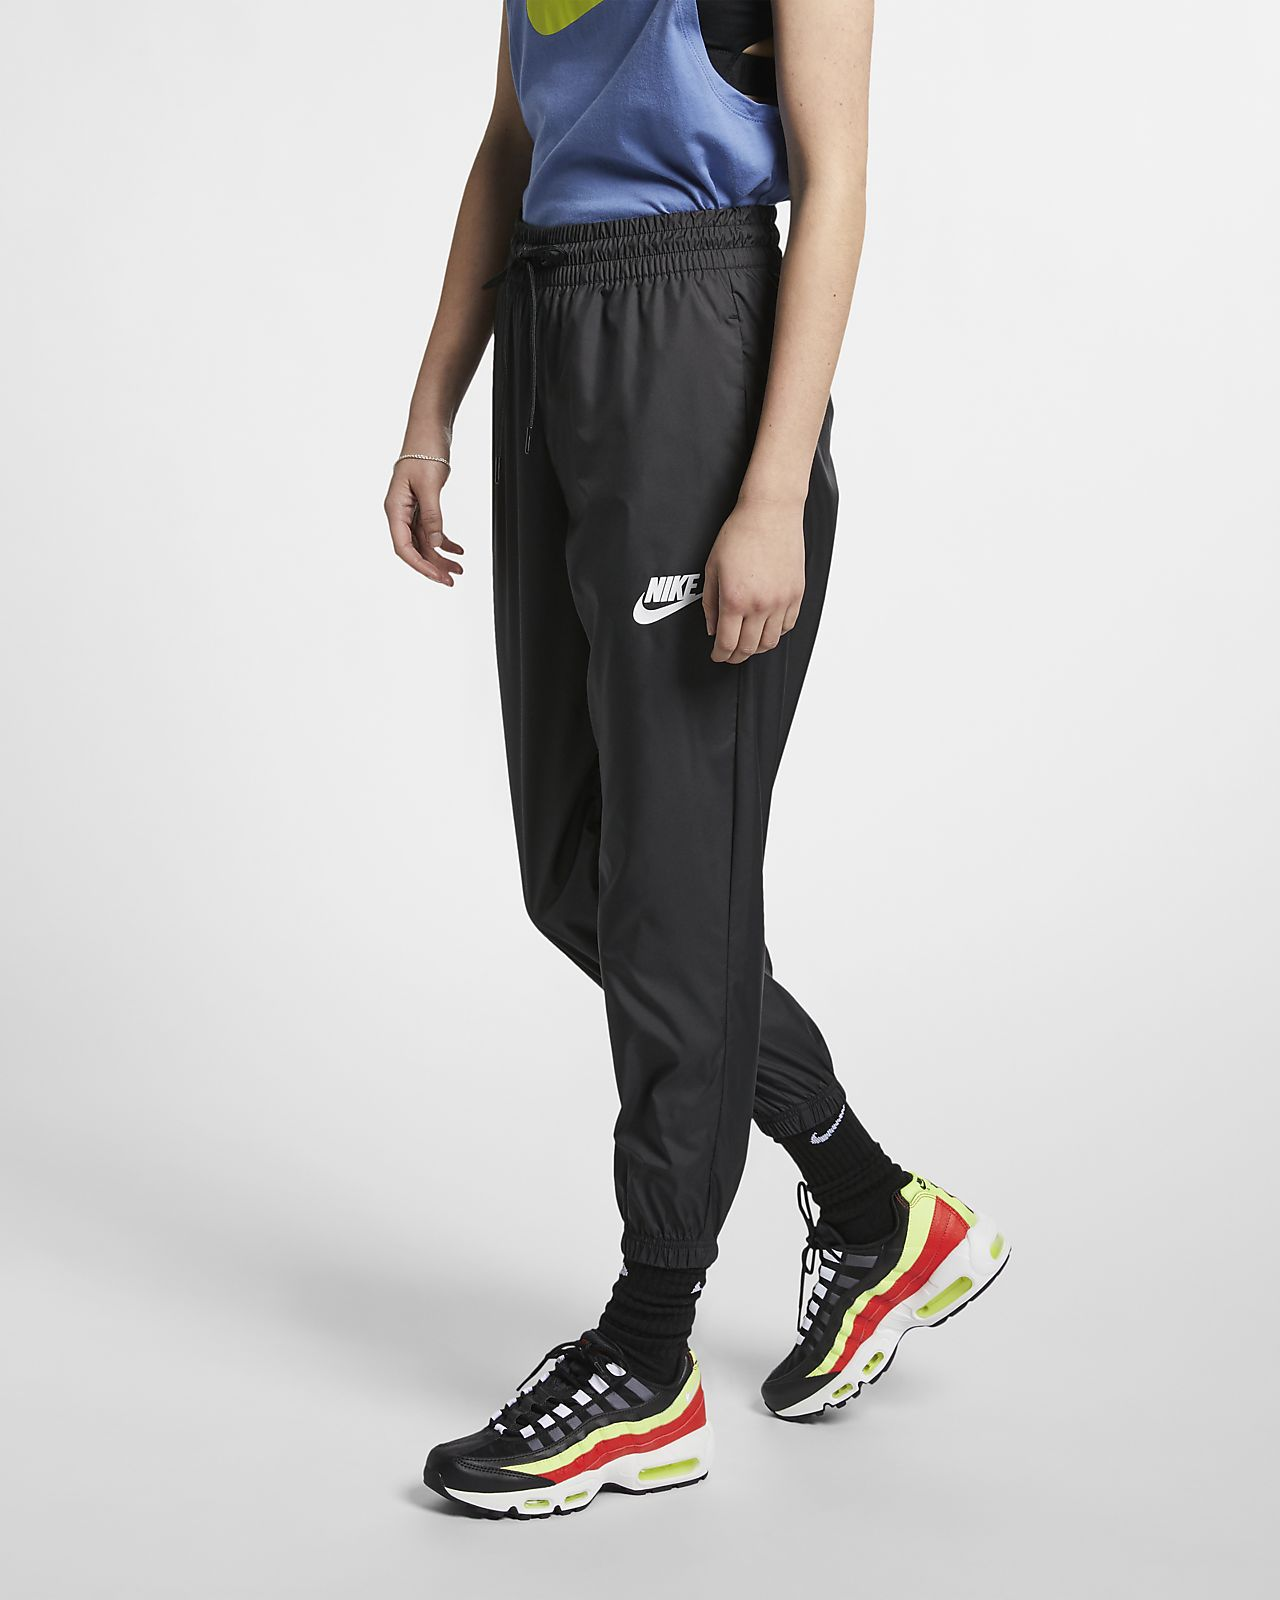 Nike Sportswear Women's Woven Trousers